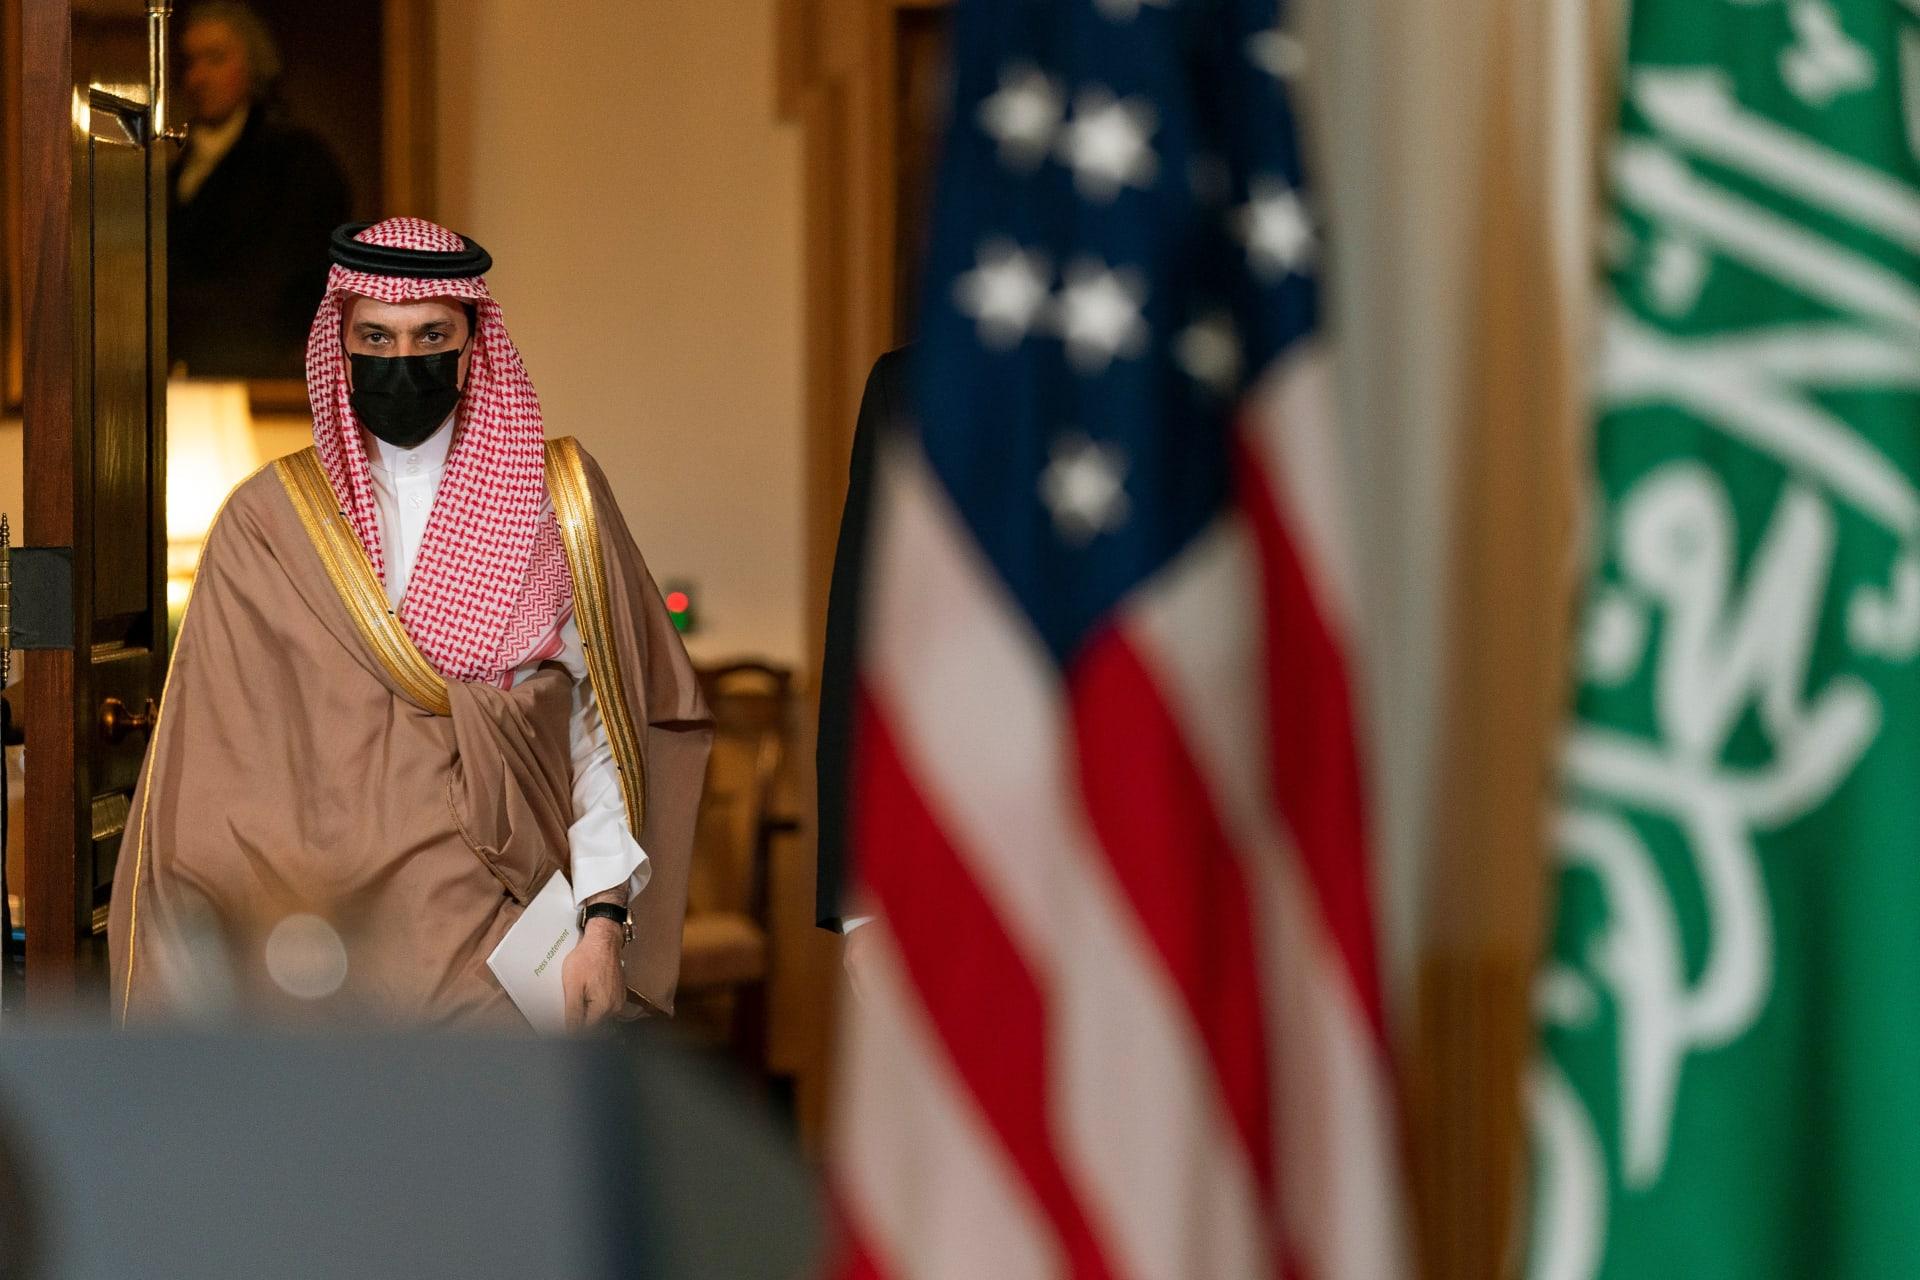 بعد أيام من انتخاب بايدن.. السعودية تتمسك بموقفها من تطبيع العلاقات مع إسرائيل